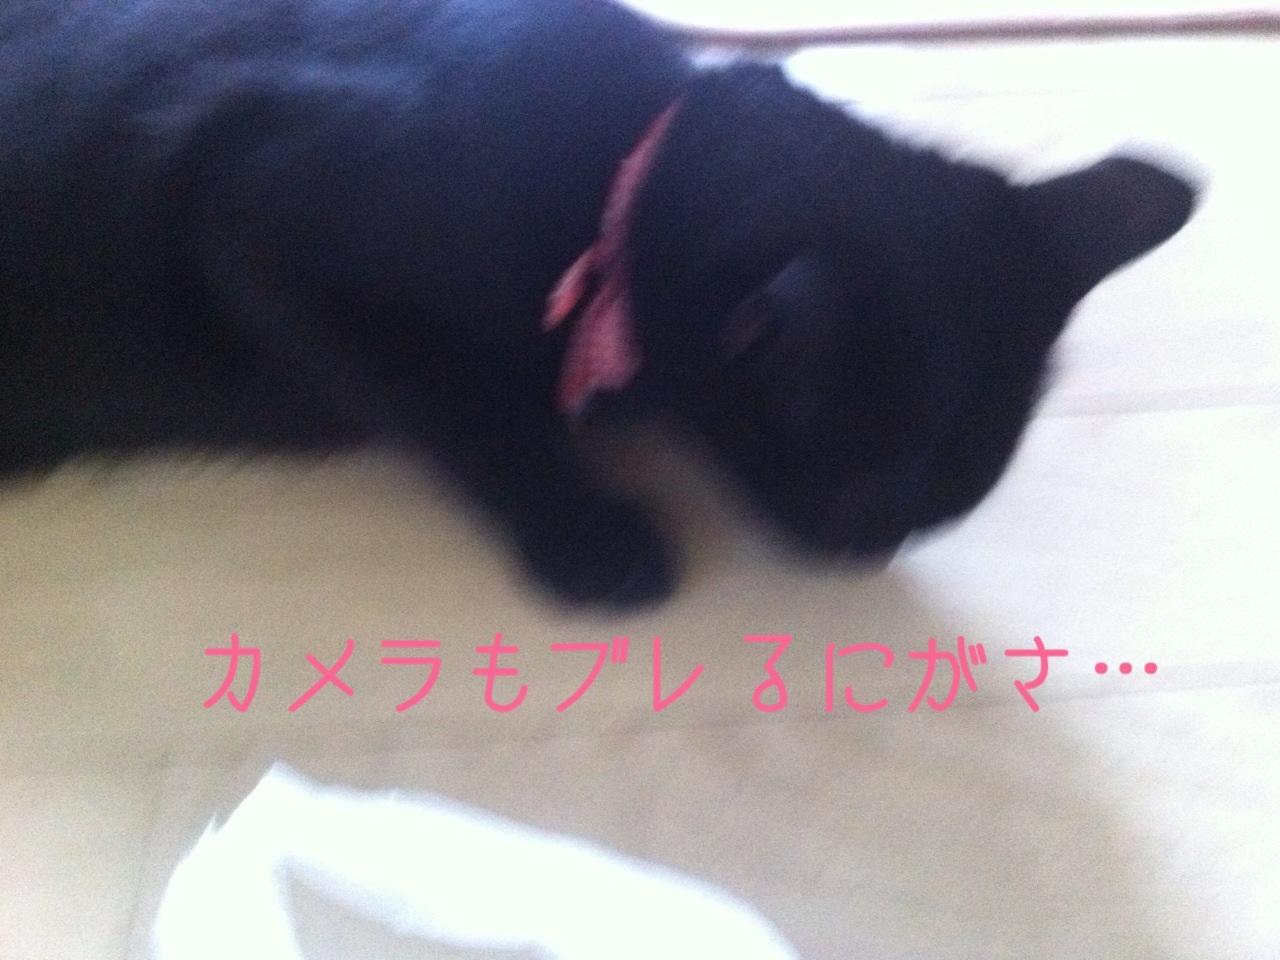 image_20130816225447e88.jpg